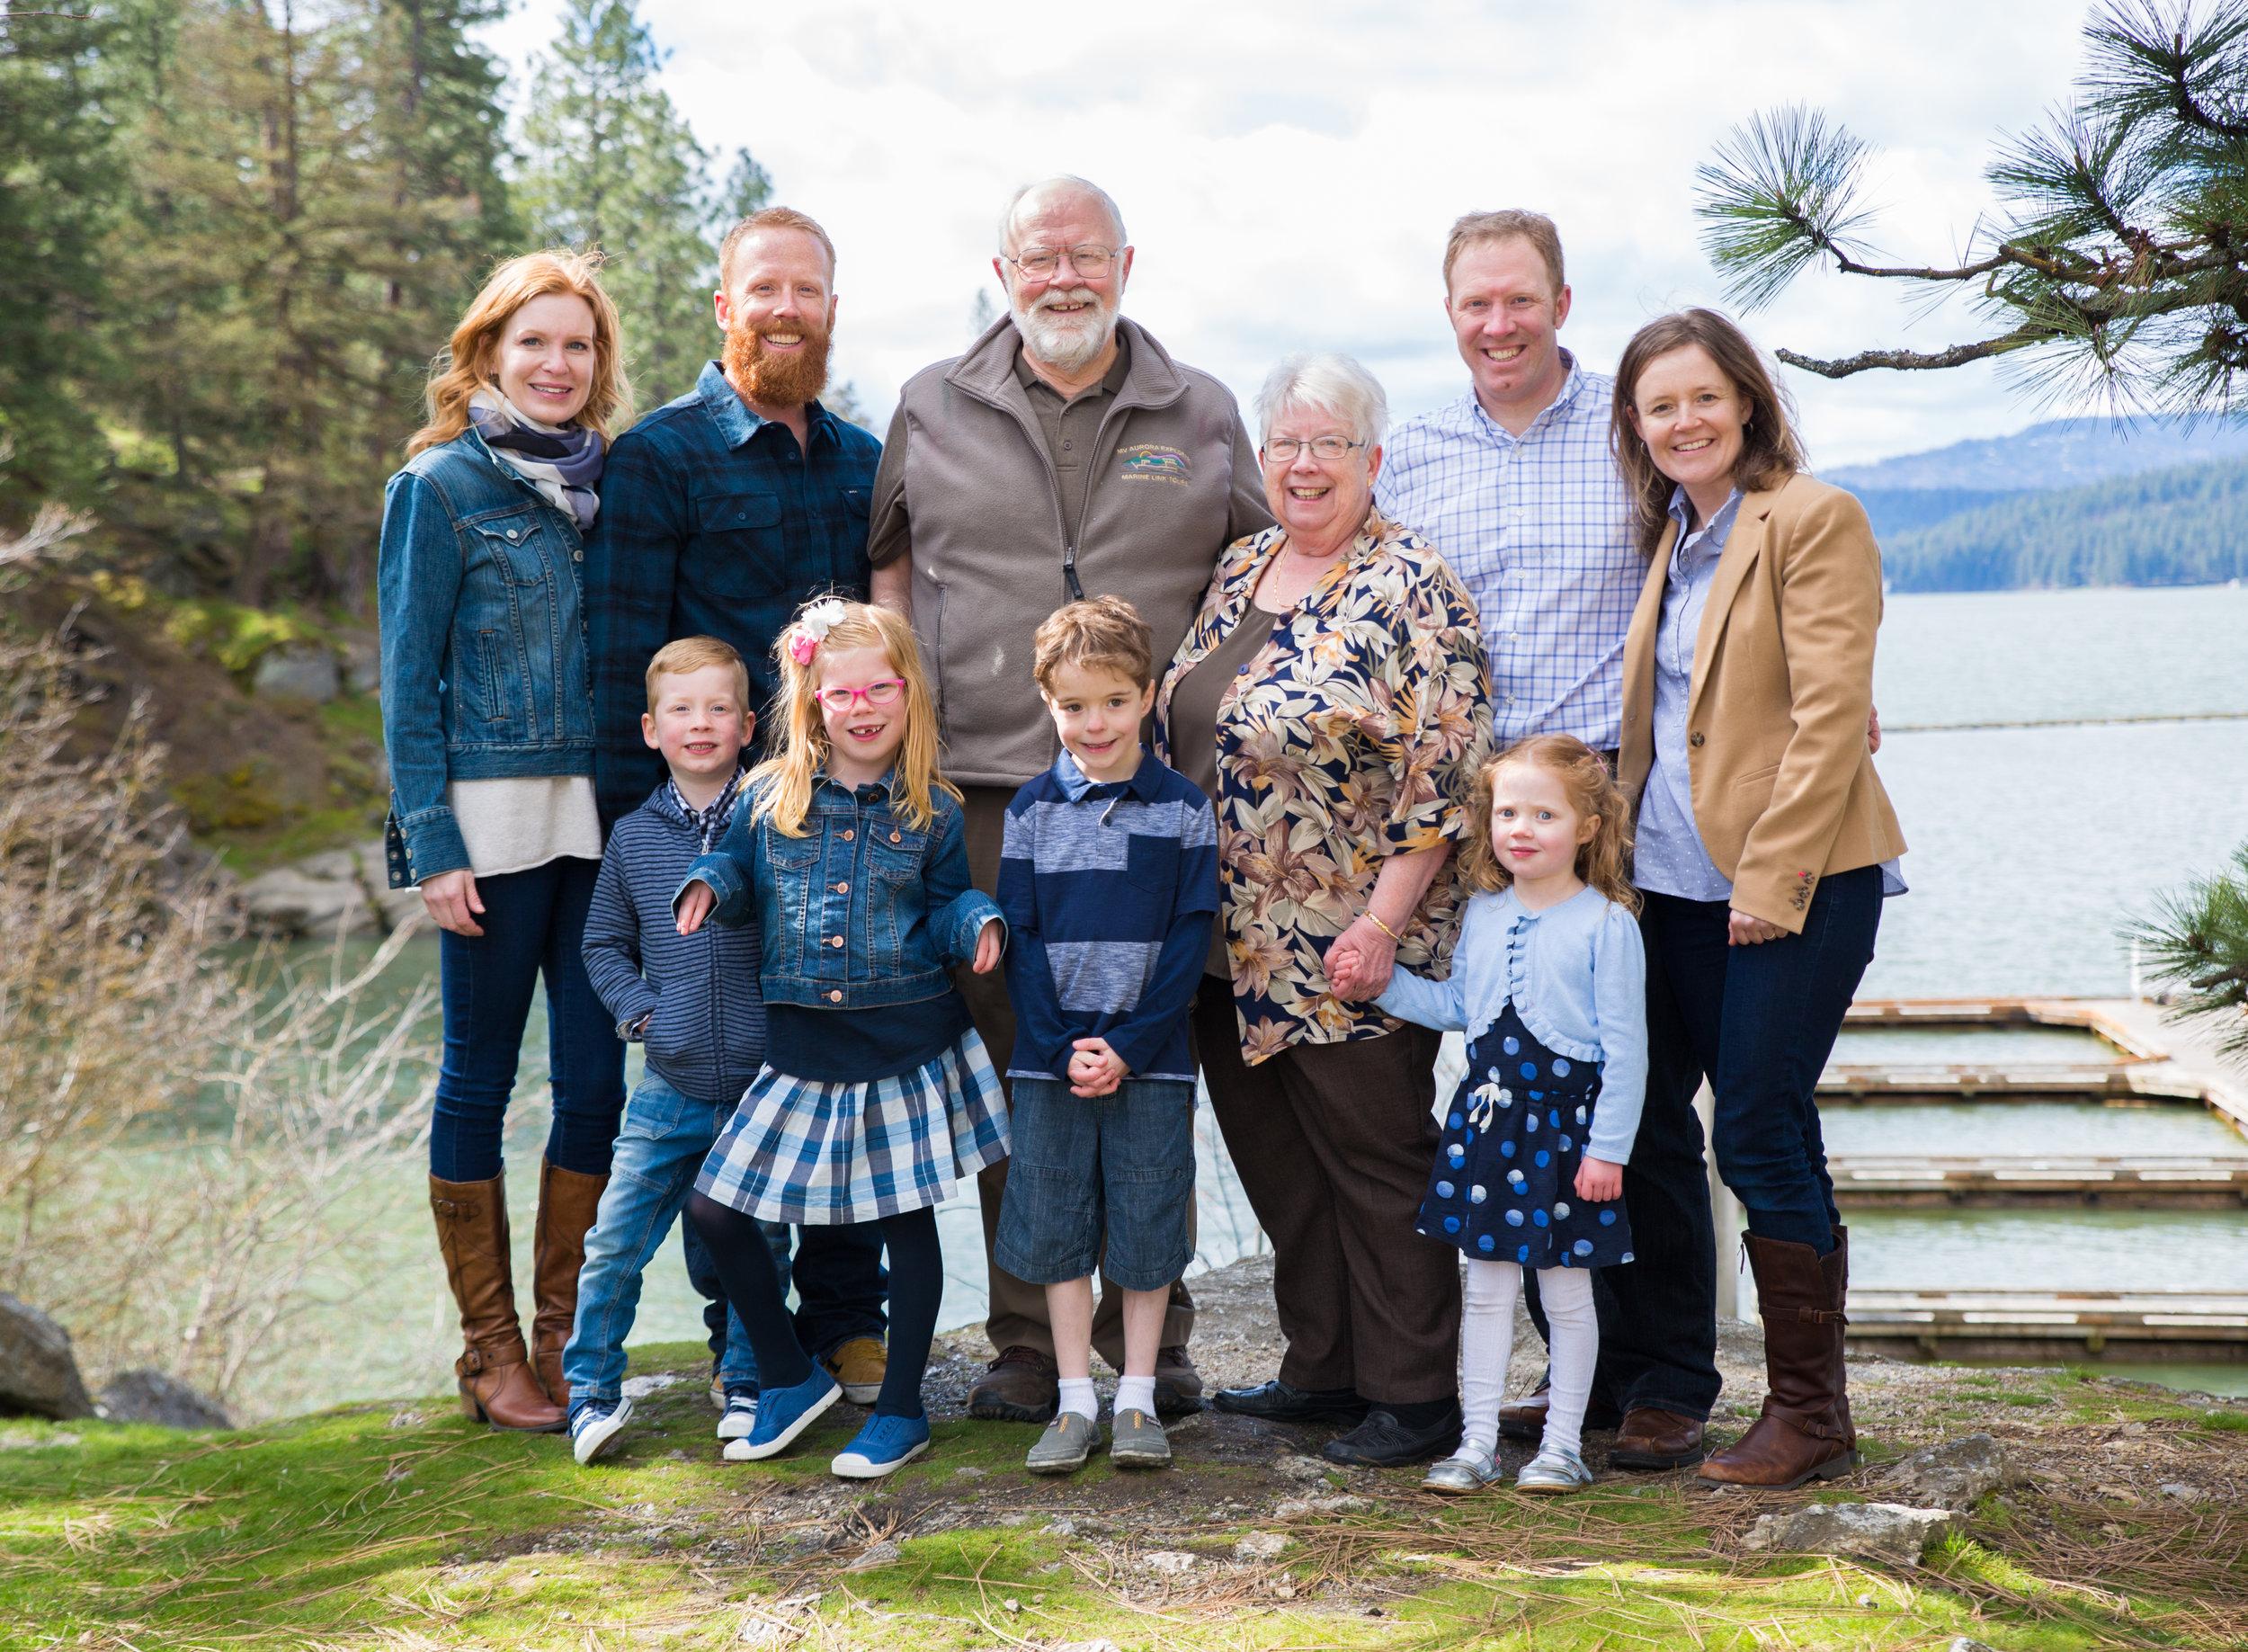 Happy family shoot in Coeur d' Alene Idaho